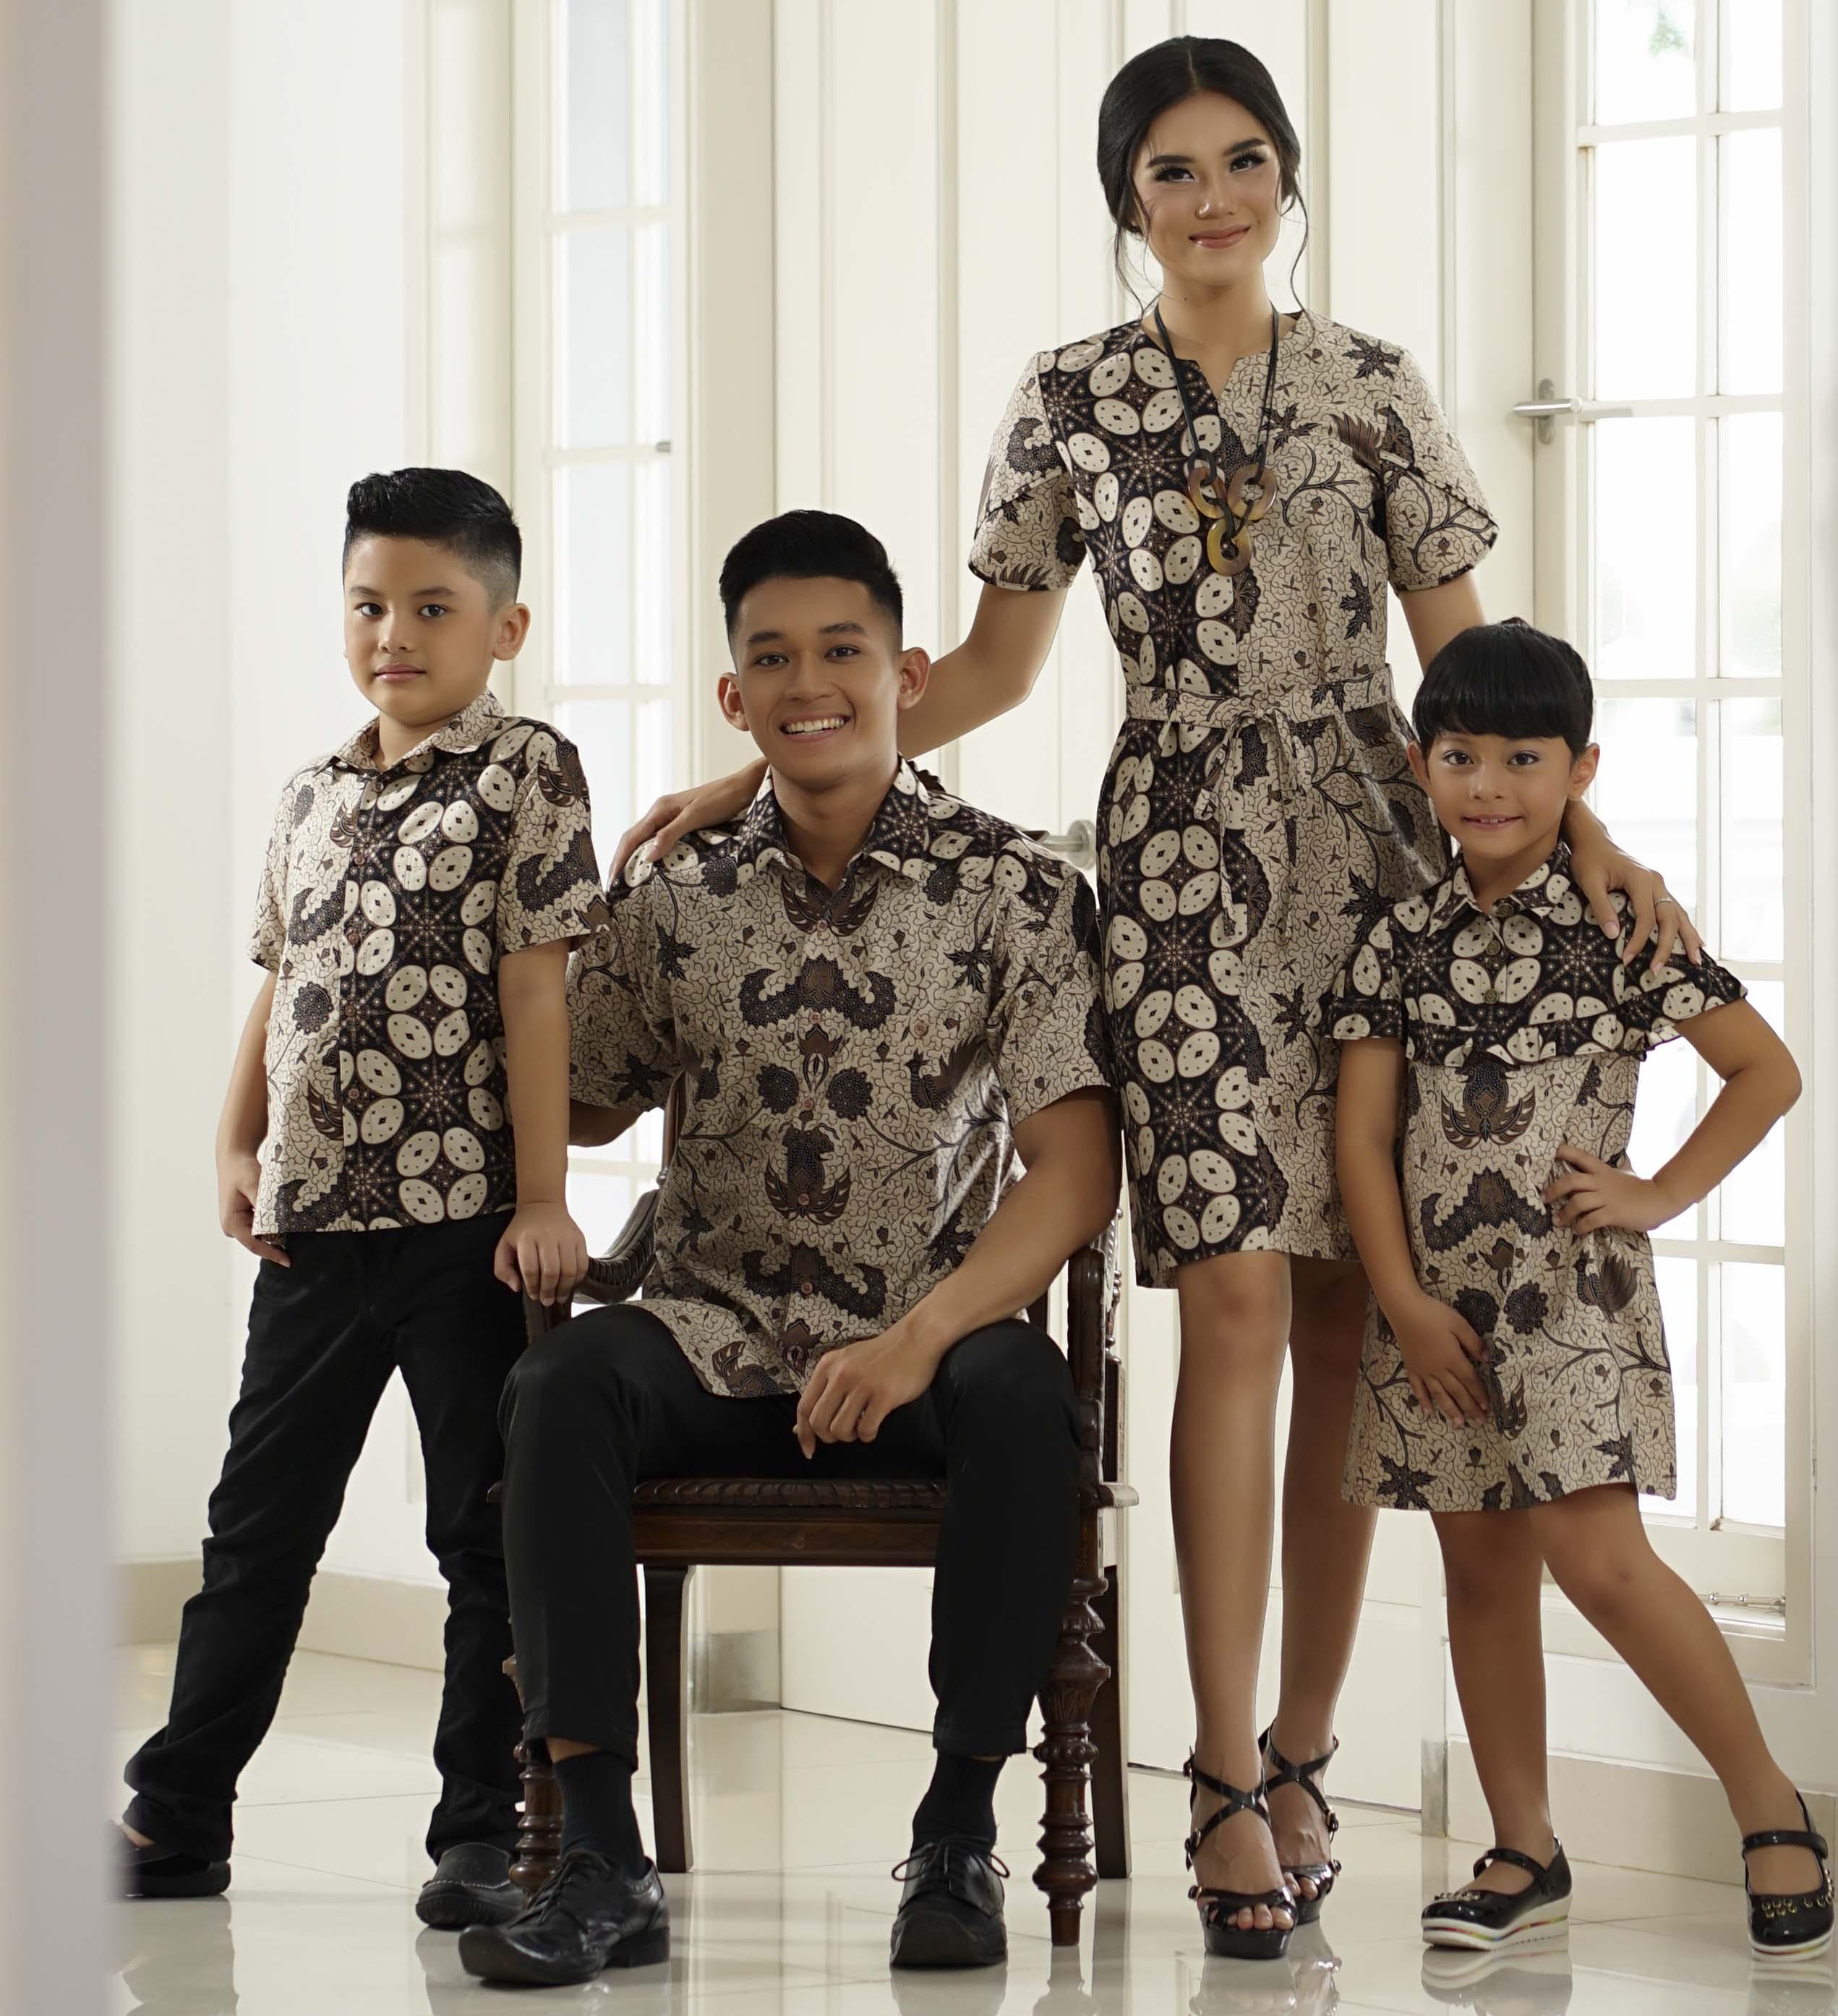 Gaun Pengantin Muslimah Modern Warna Gold Unique toko Batik Modern Terbaik Kerajinan Dan Oleh Oleh Khas